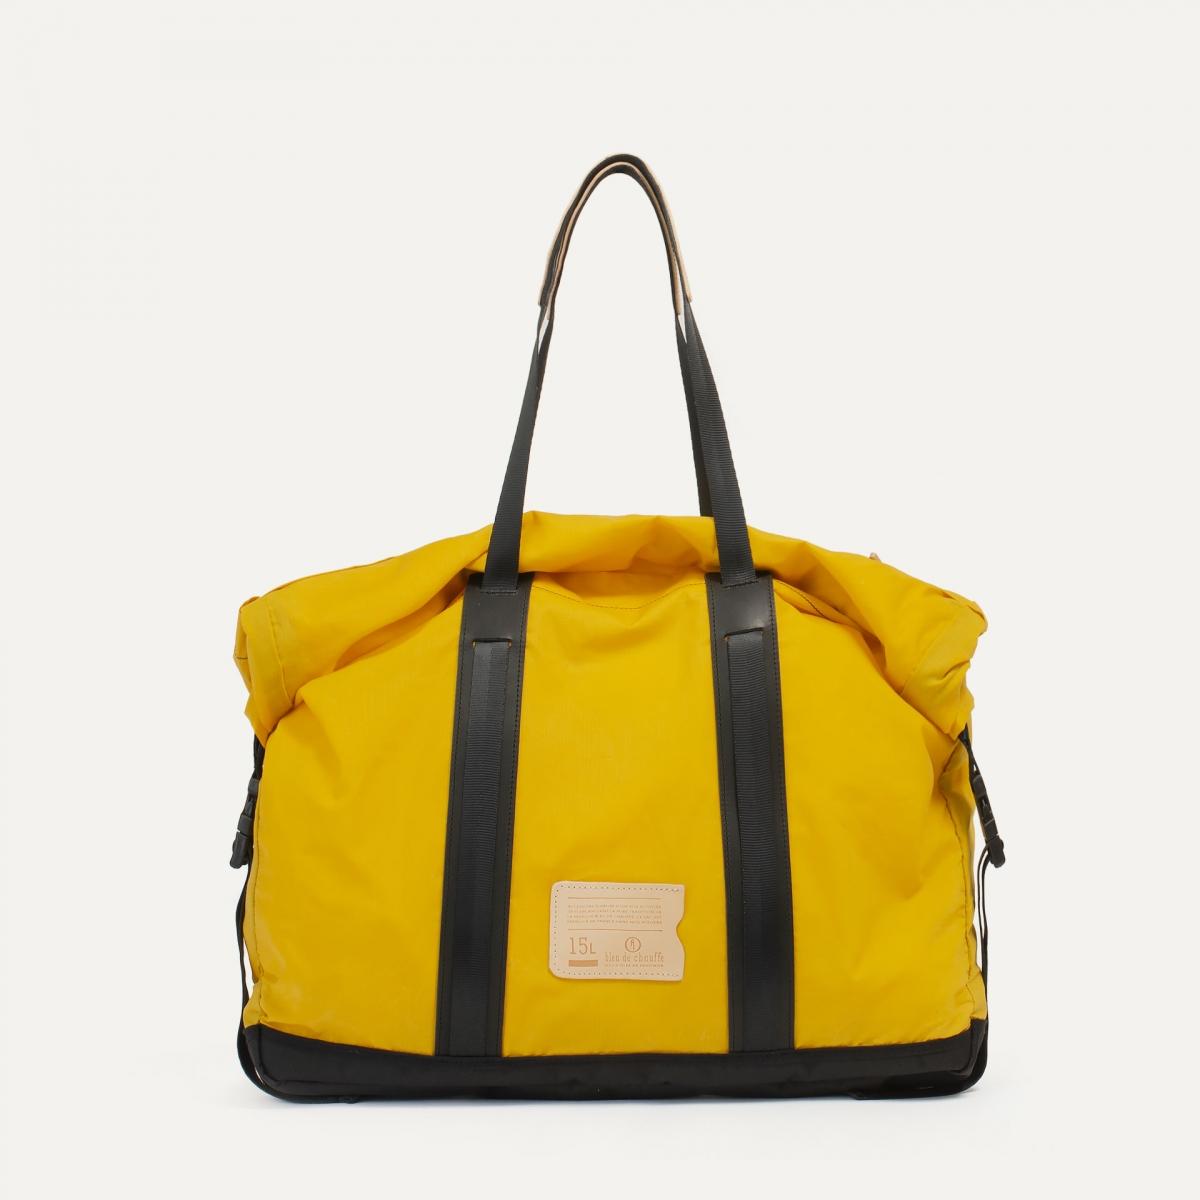 15L Barda Tote bag - Sun Yellow (image n°1)